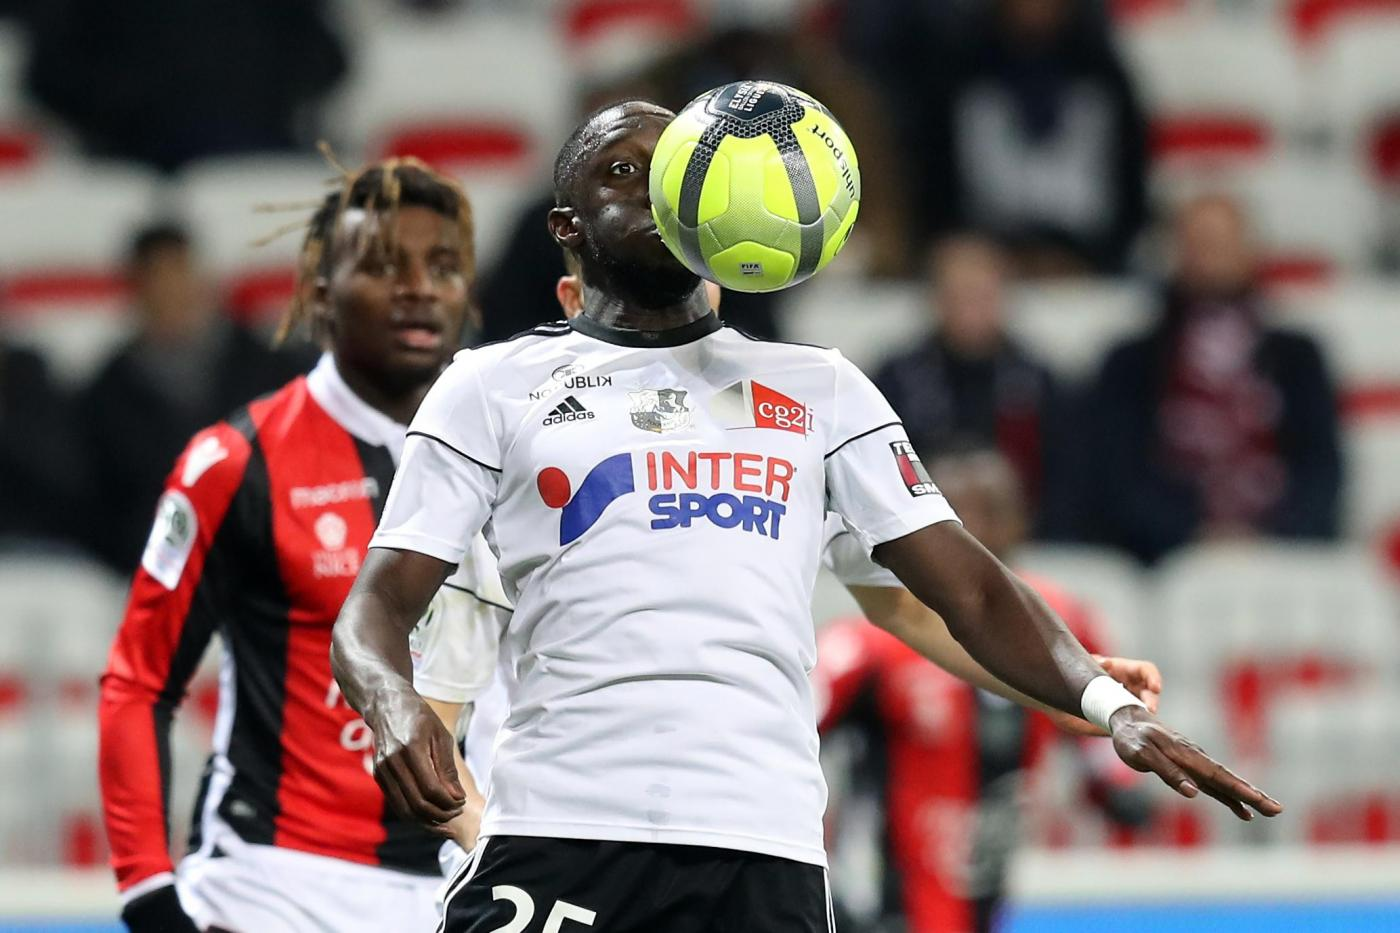 Dijon-Amiens 12 aprile: si gioca per la 32 esima giornata del campionato francese. Ospiti molto vicini alla salvezza in Ligue 1.